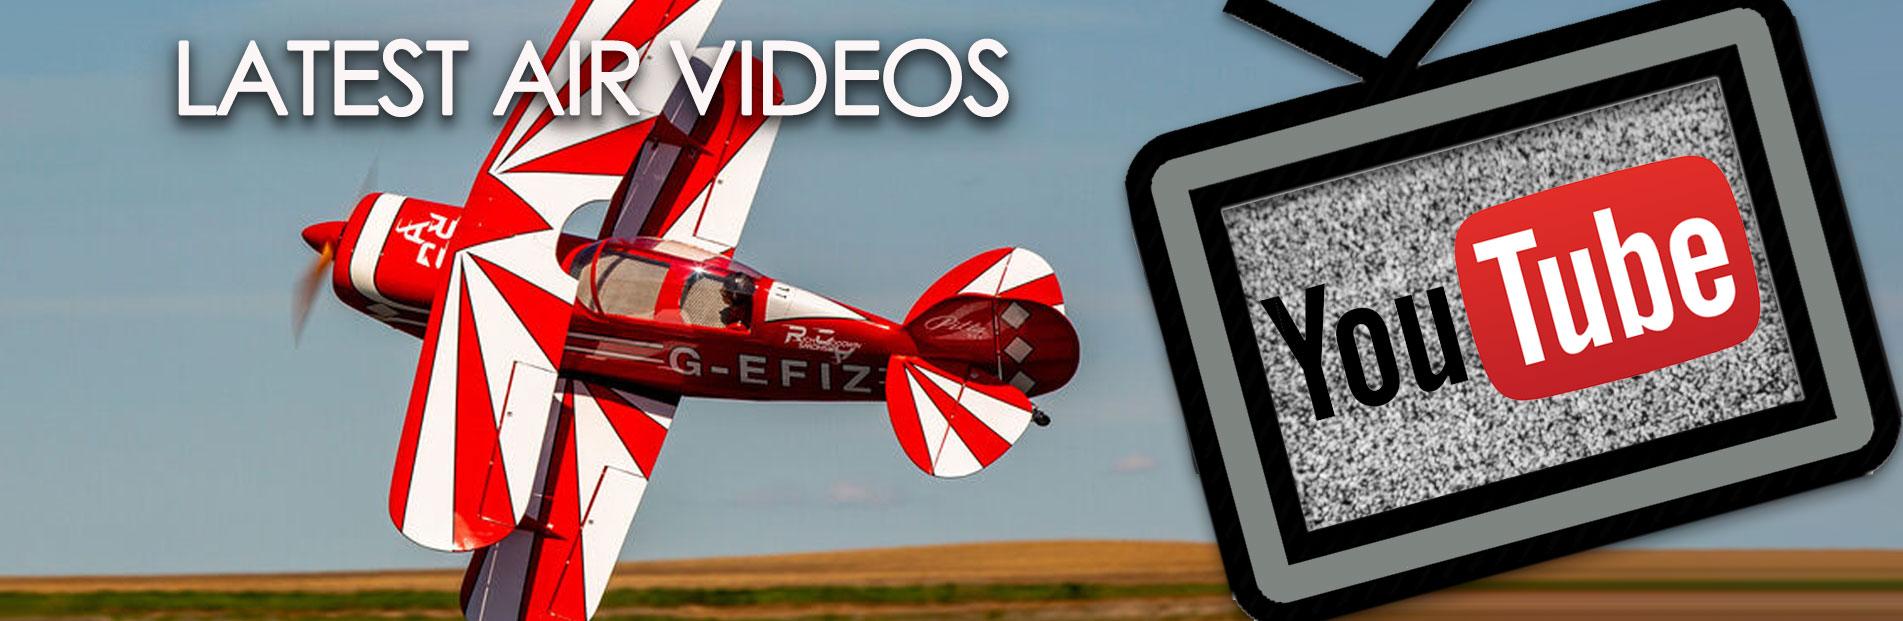 latest air videos